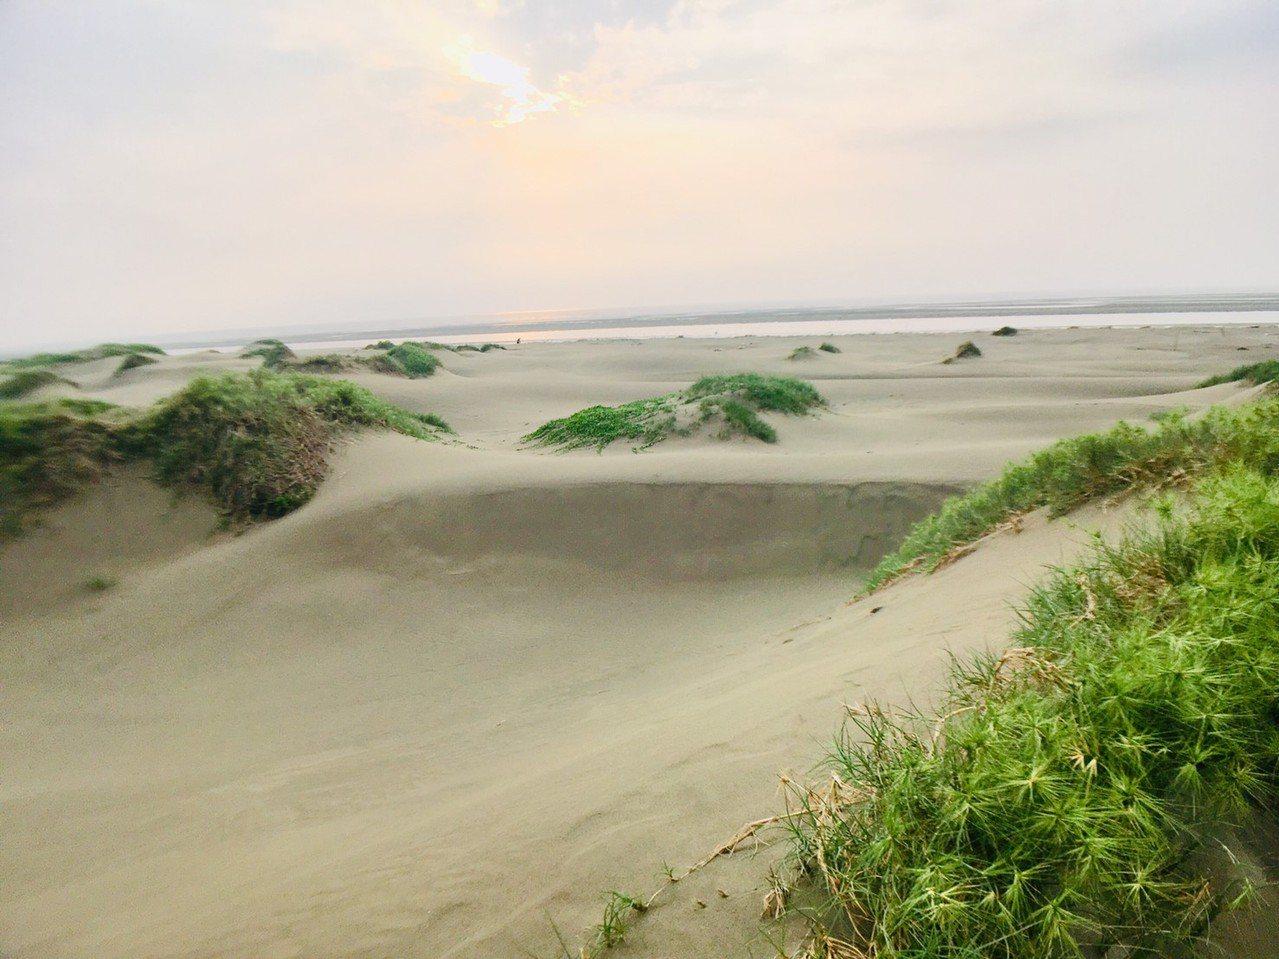 香山沙丘隱身於國家級重要濕地「香山濕地」中,政府為了保護濕地自然生態,禁止遊客進...